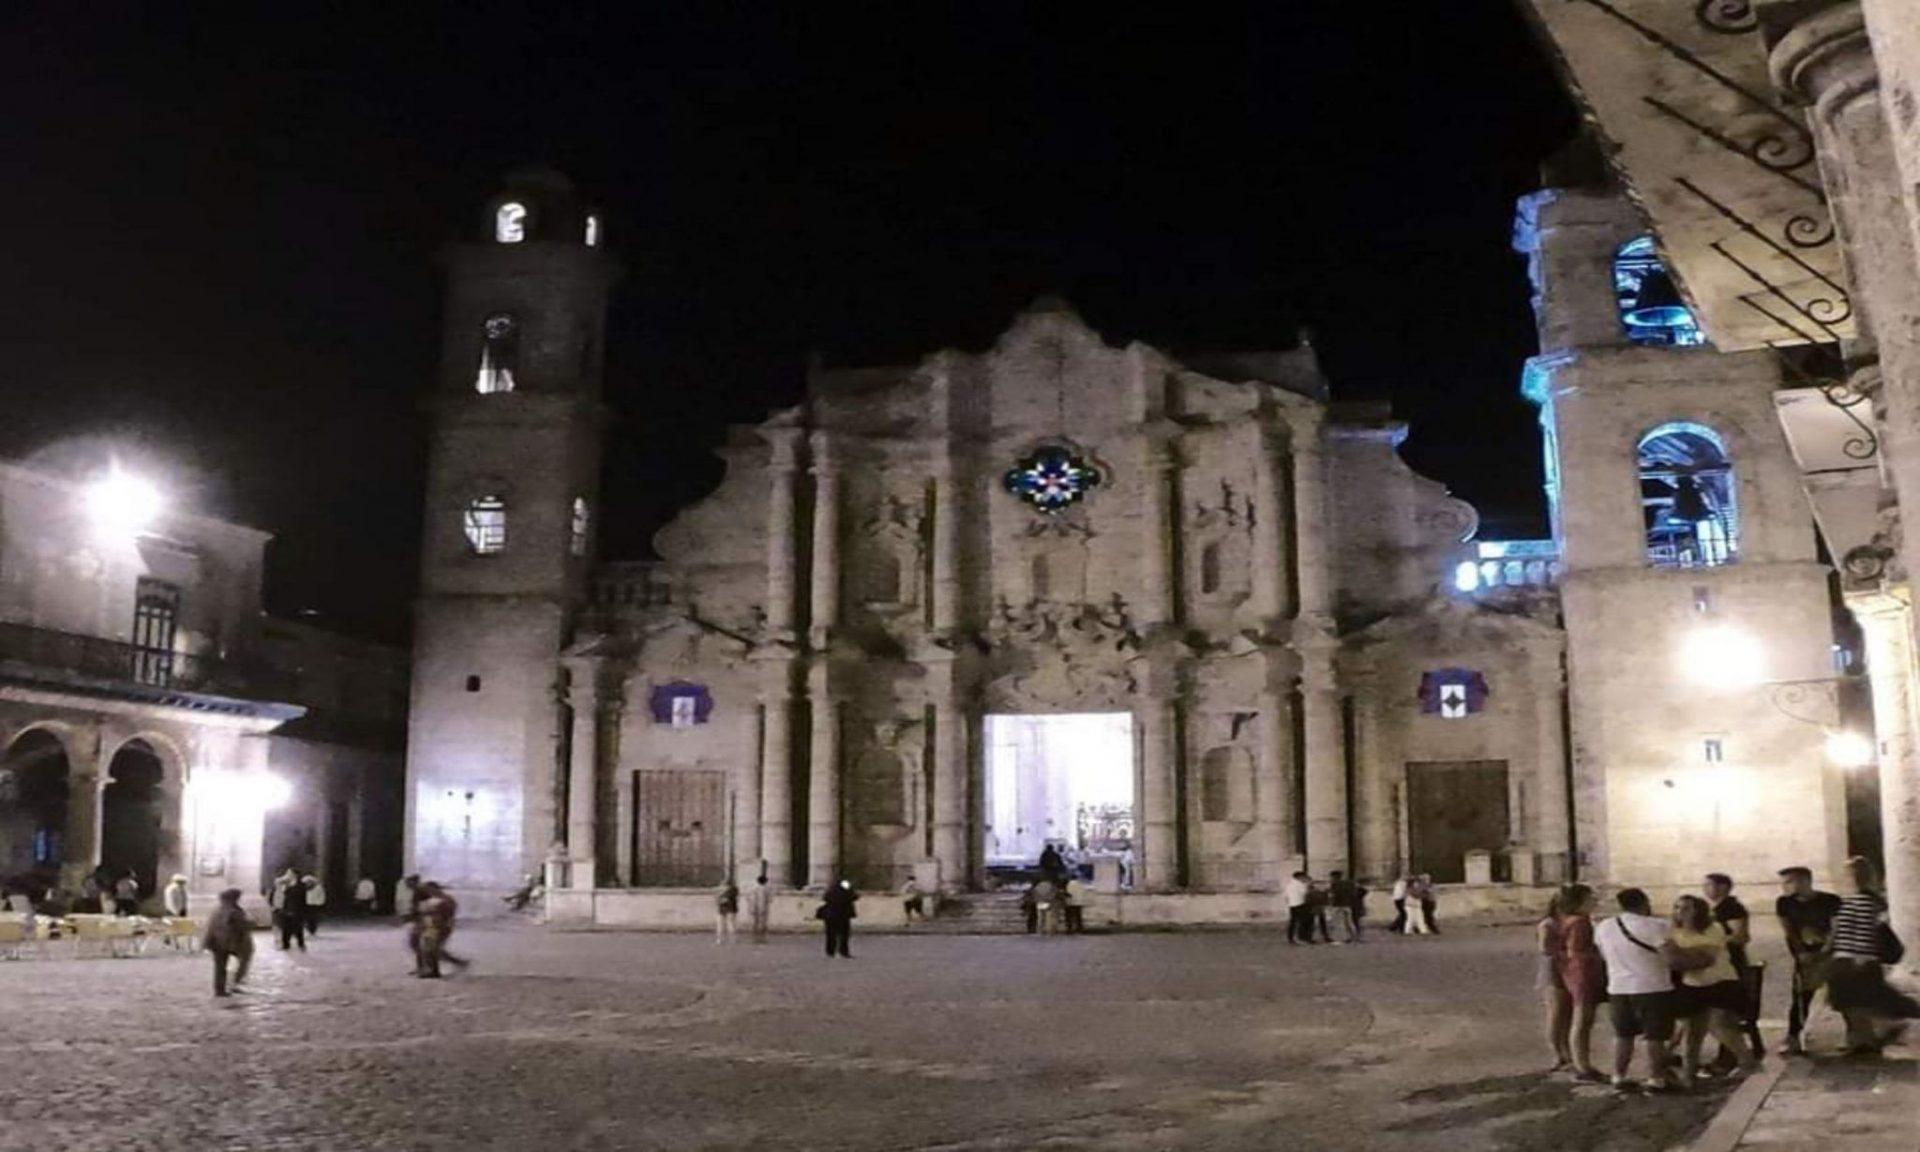 Concierto dedicado al centenario del natalicio de San Juan Pablo II en la S.M.I. Catedral de La Habana